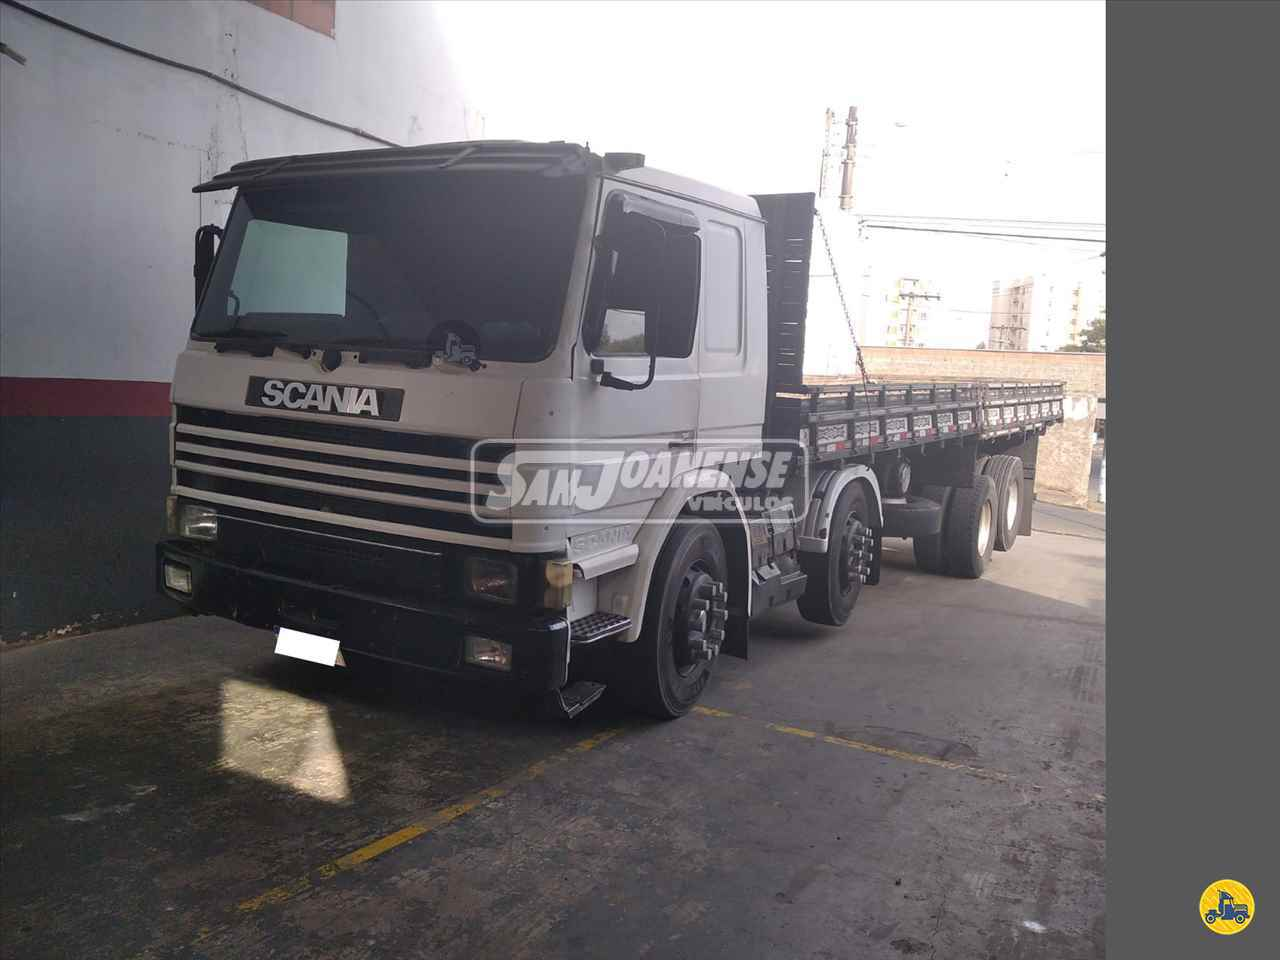 CAMINHAO SCANIA SCANIA P93 250 Carga Seca BiTruck 8x2 Sanjoanense Veículos SAO JOAO DA BOA VISTA SÃO PAULO SP